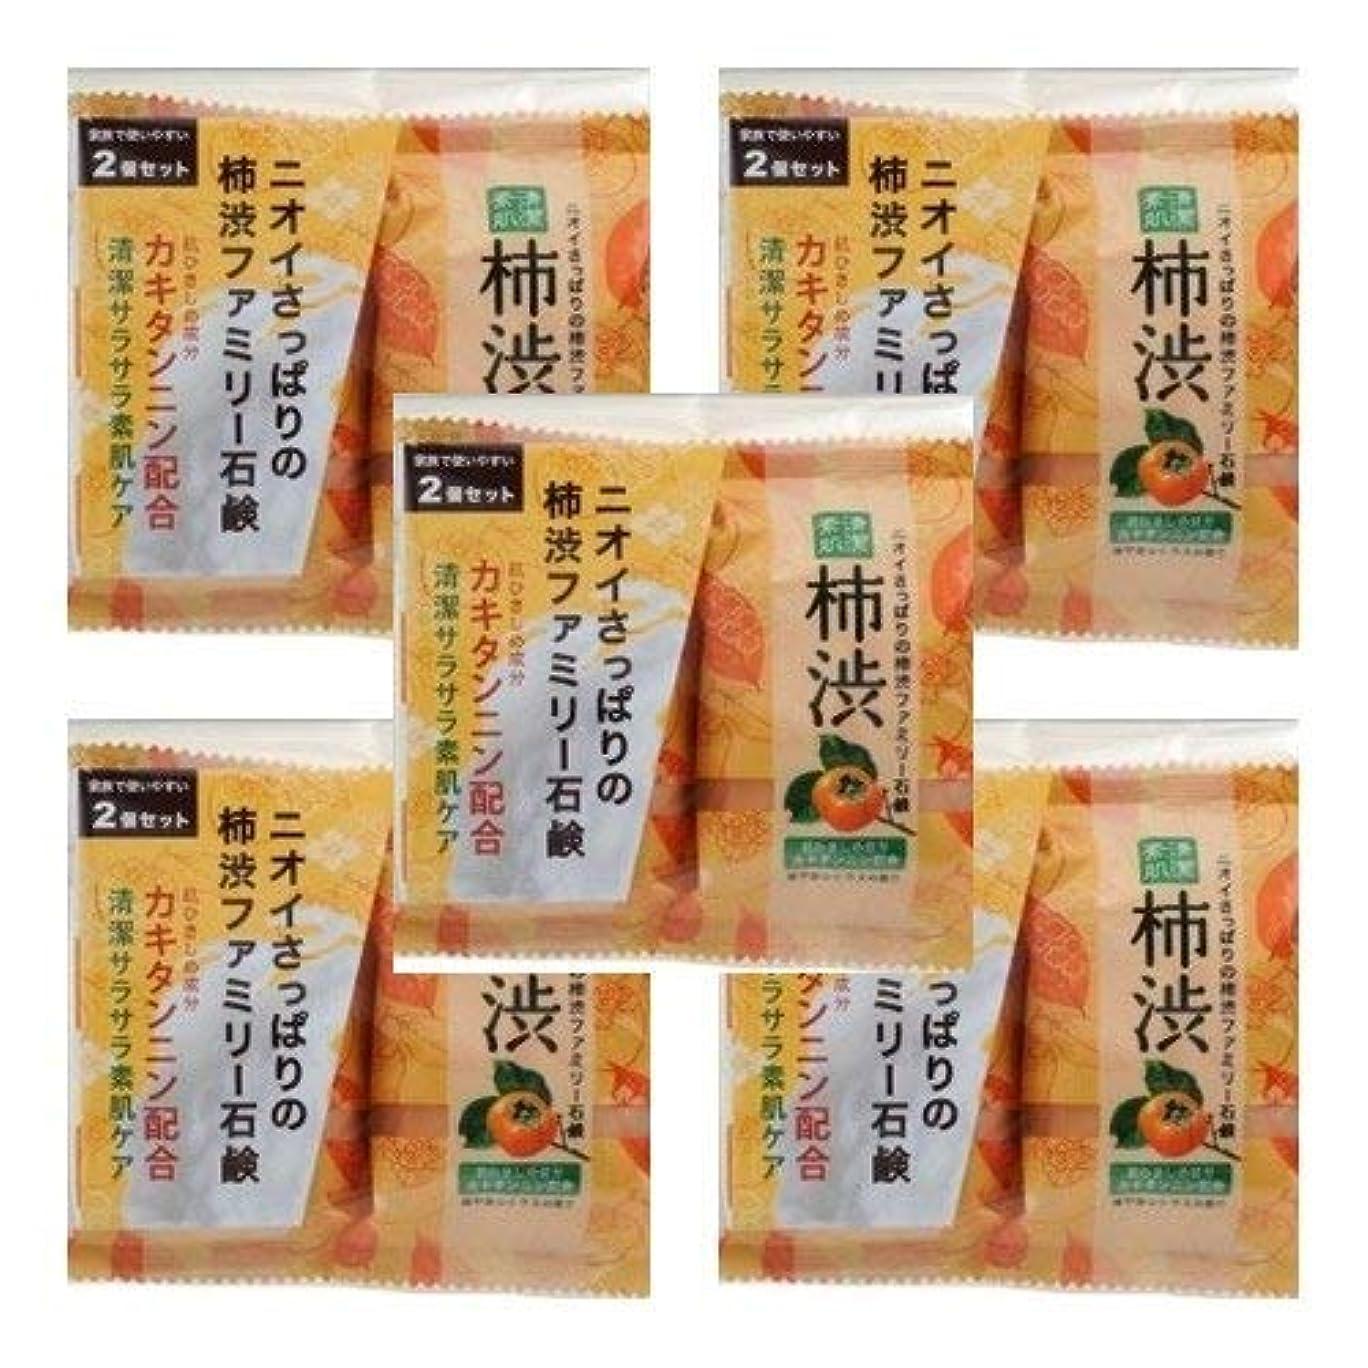 のりよろしく翻訳ペリカン石鹸 ファミリー柿渋石けん 2個入×5点セット